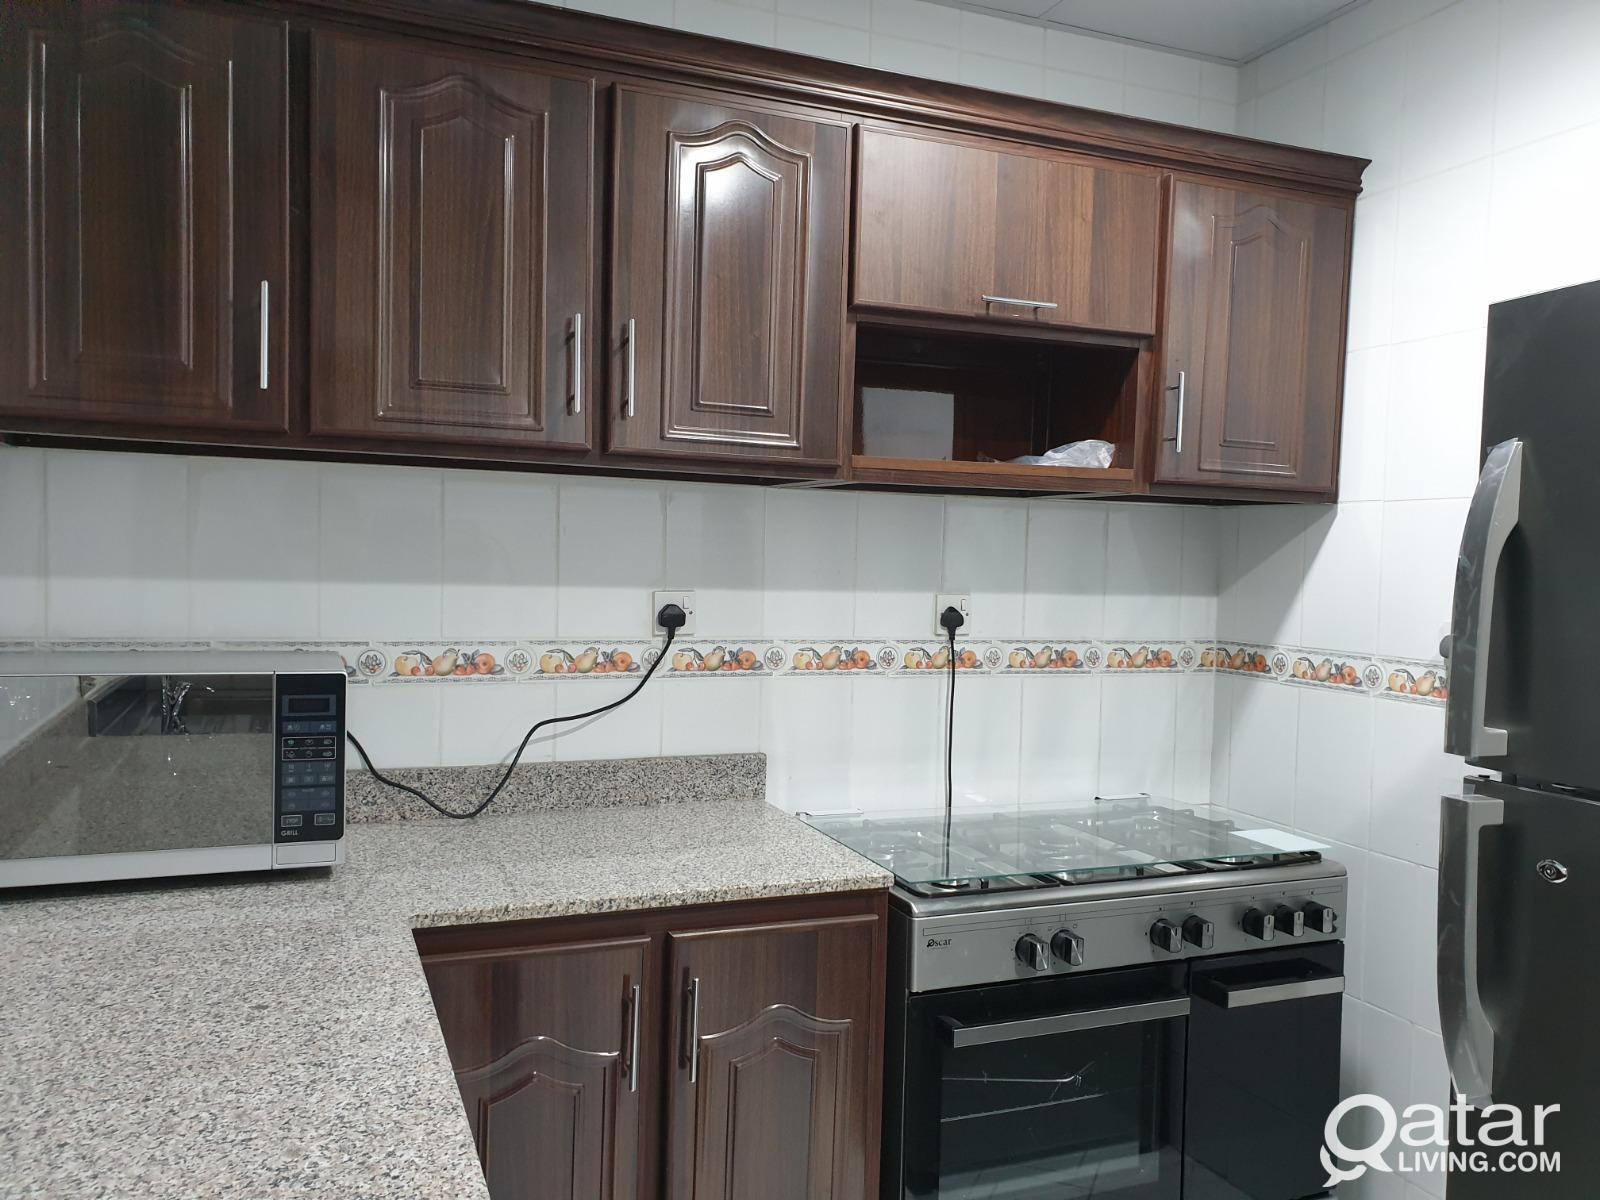 2 Bedrooms Apartment at Mansoura behind Rotana & N